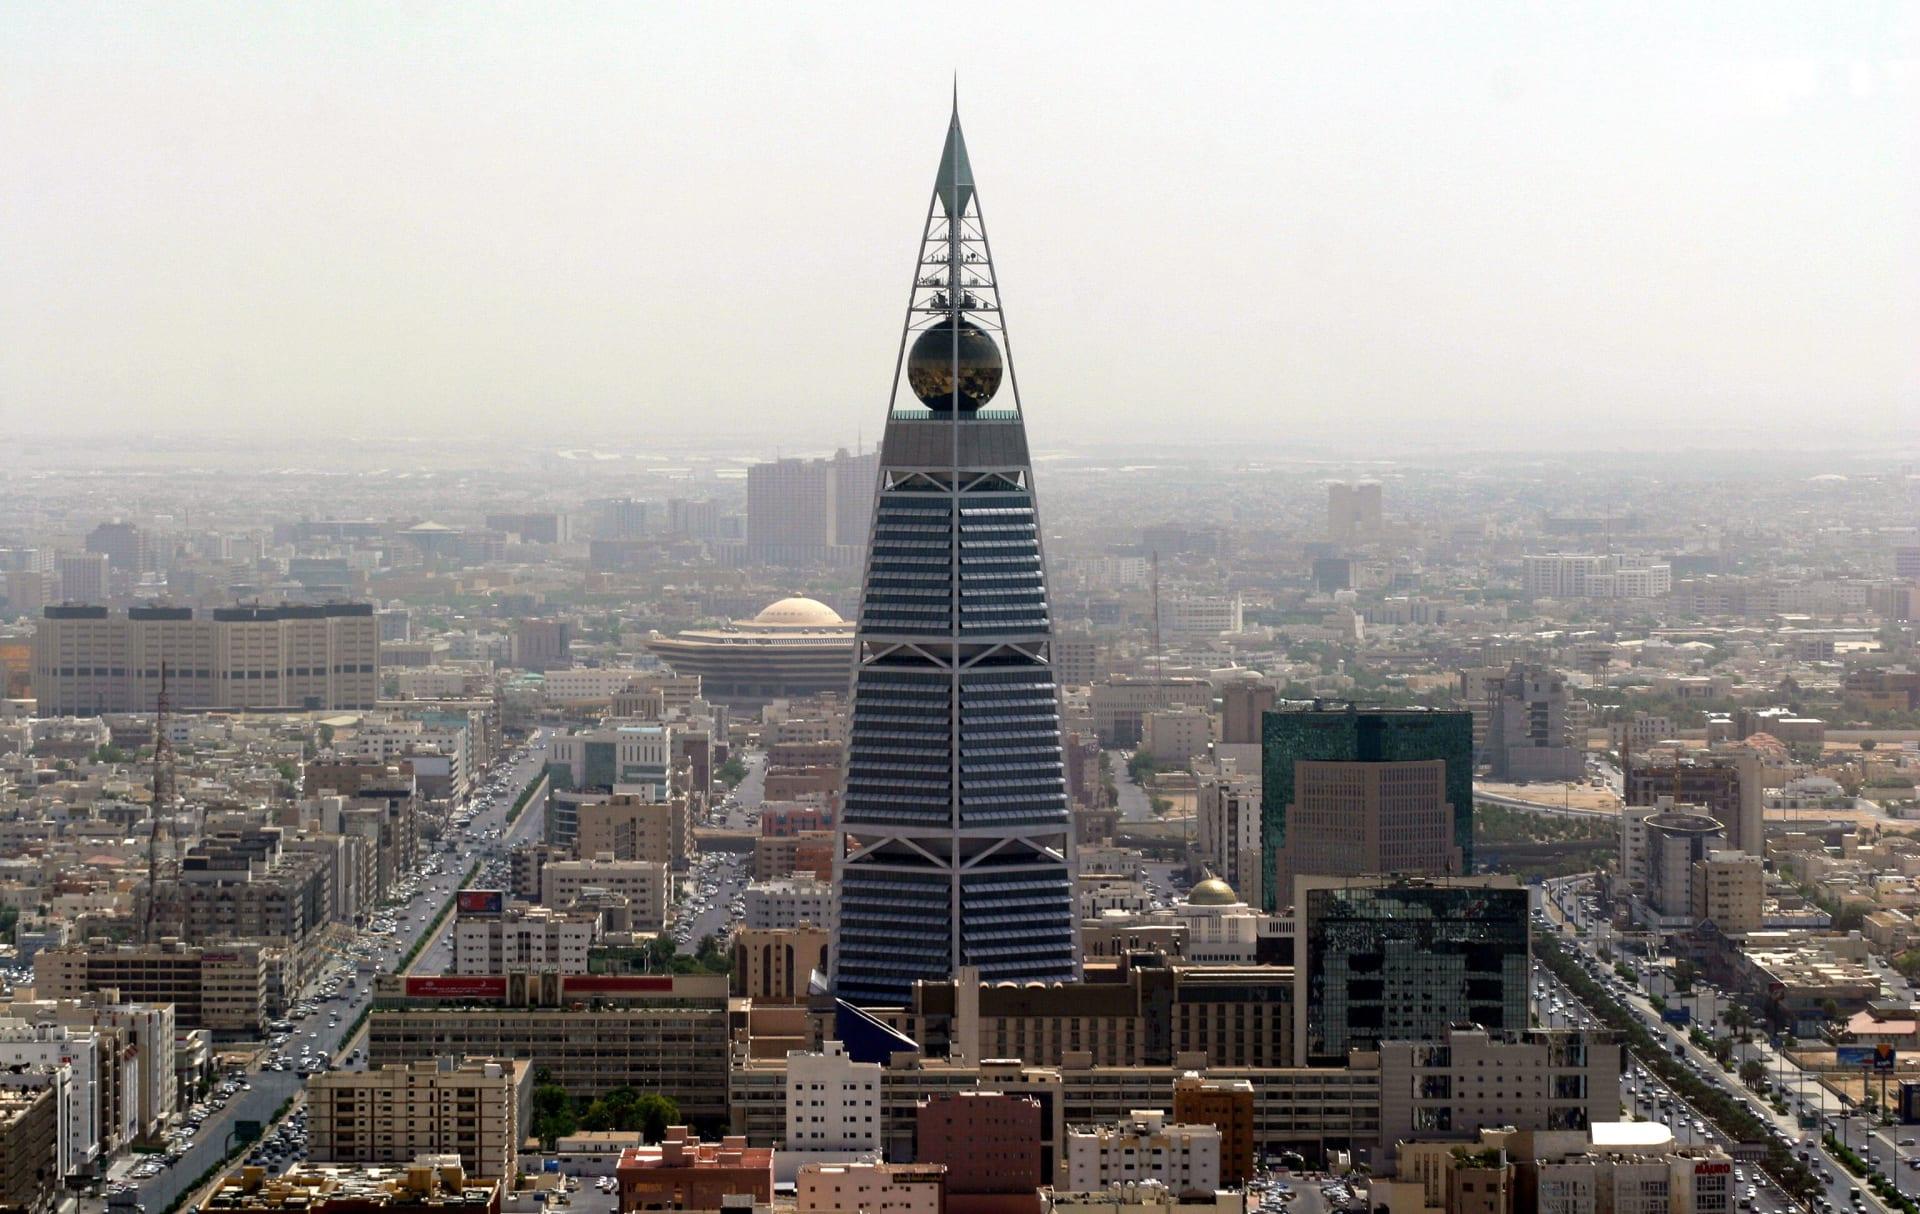 صورة أرشيفية عامة من العاصمة السعودية، الرياض